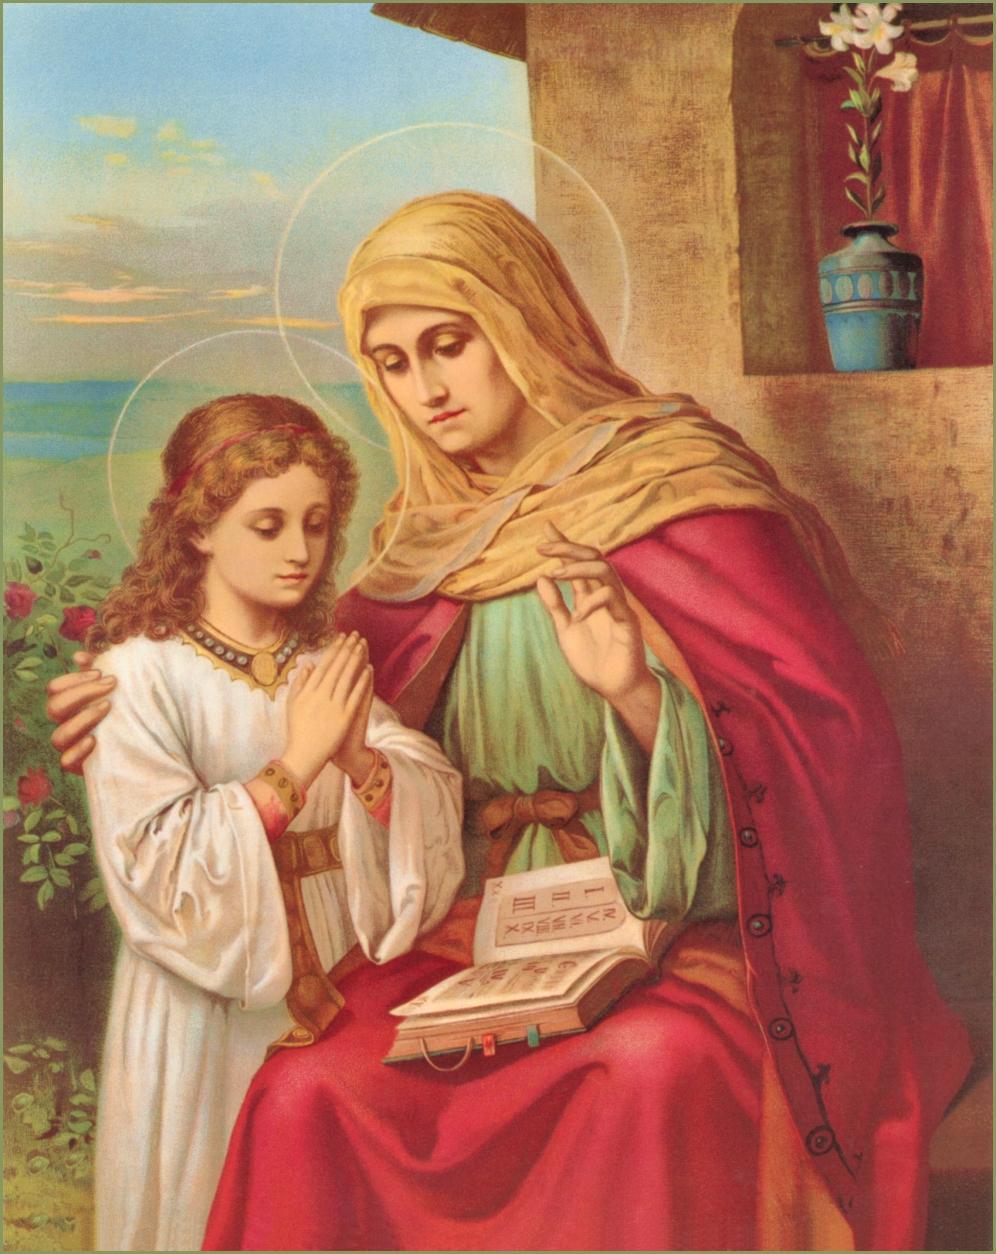 Novena prayer to find a husband